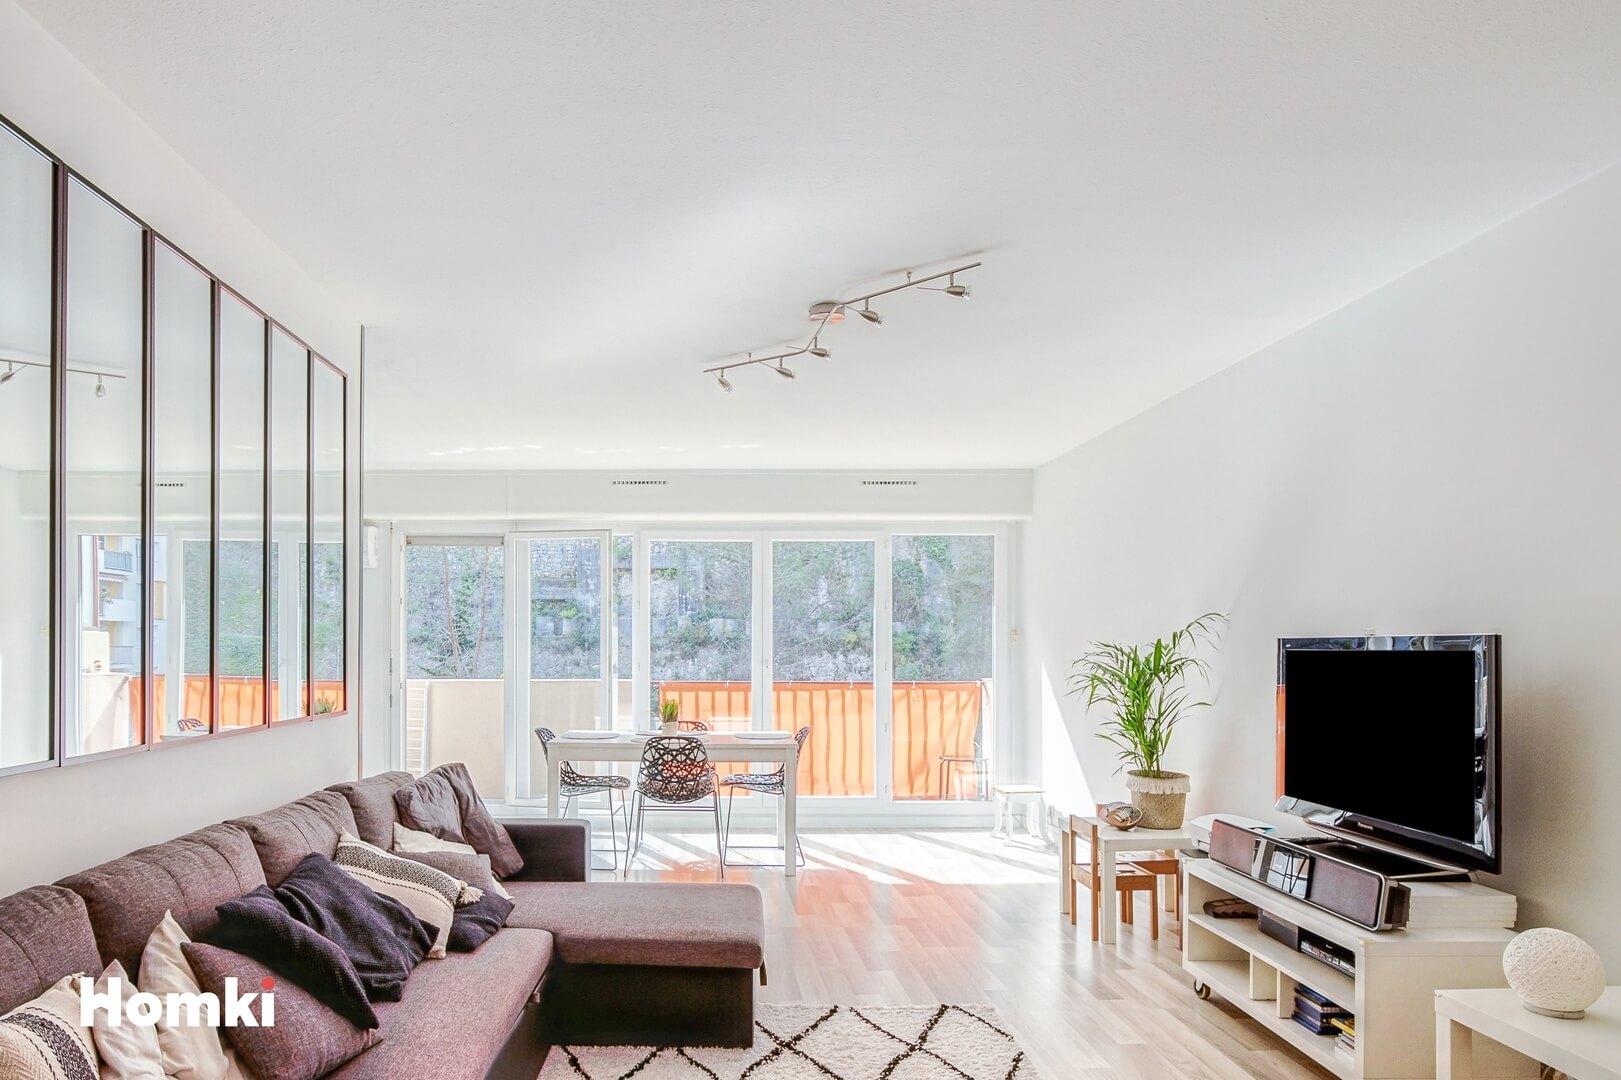 Homki - Vente Appartement  de 82.0 m² à Nice 06000